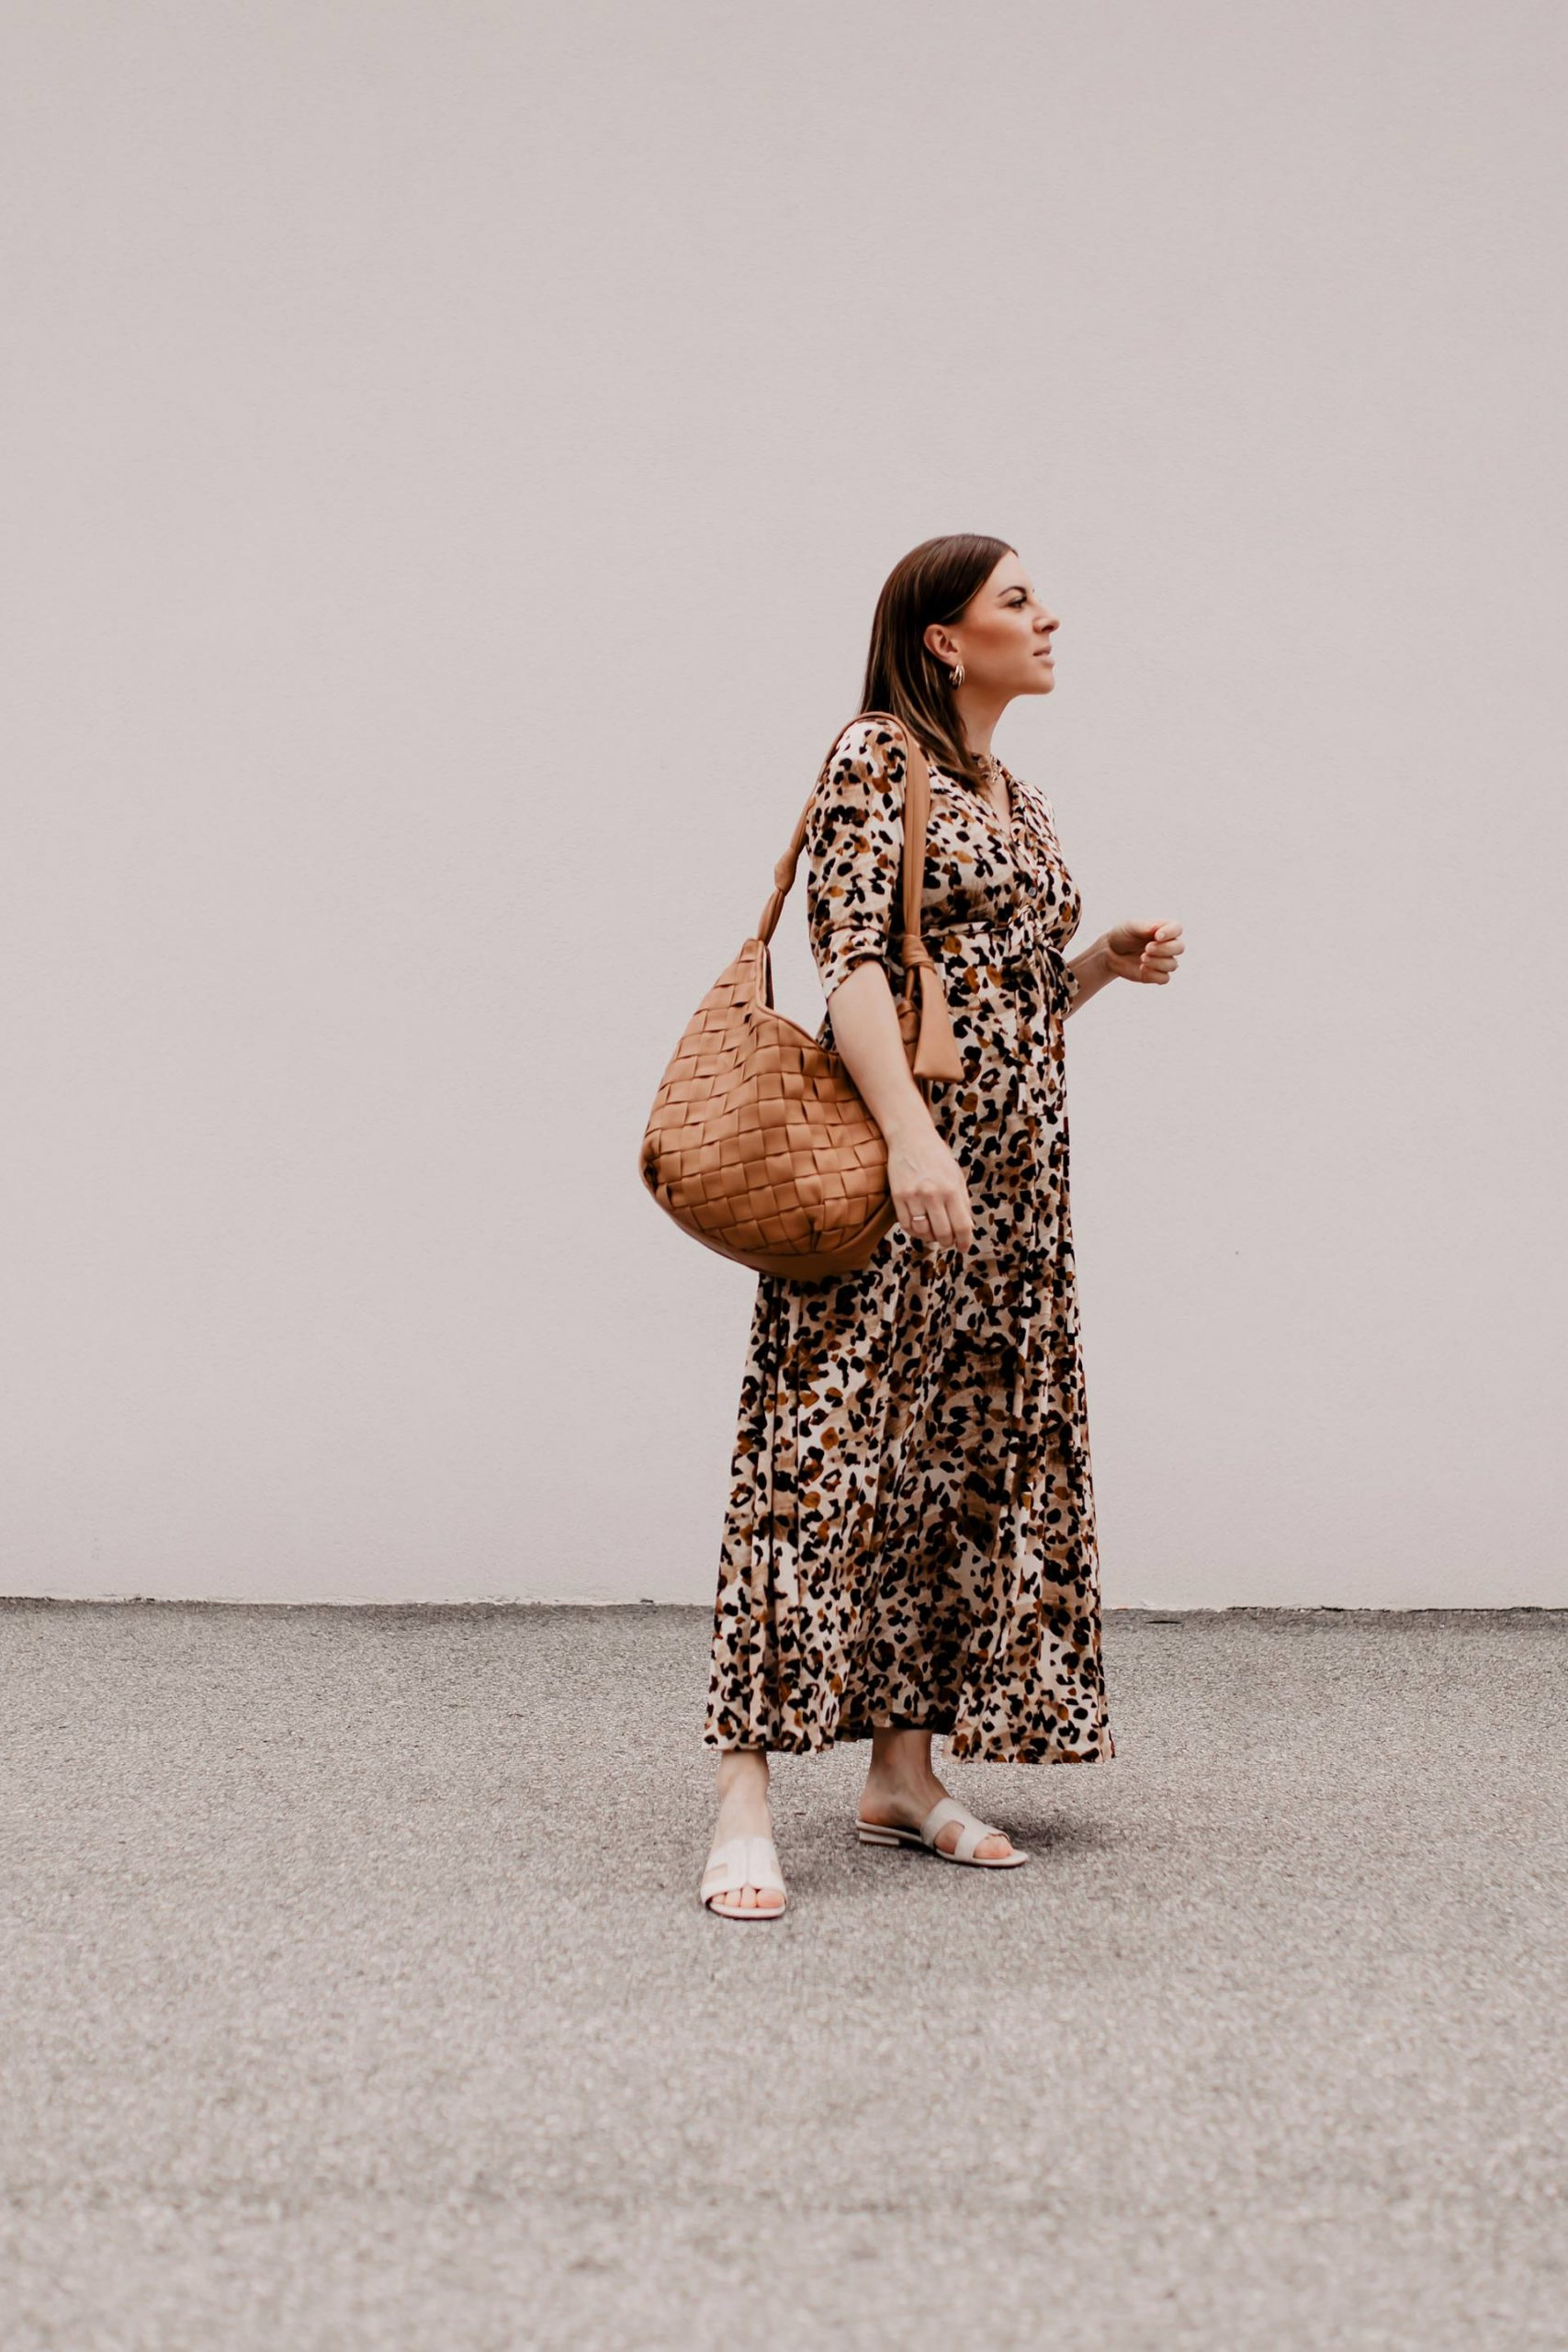 Produktempfehlungen. Am Modeblog findest du heute die schönsten Maxikleider für den Sommer plus passende Styling-Tipps on top! www.whoismocca.com